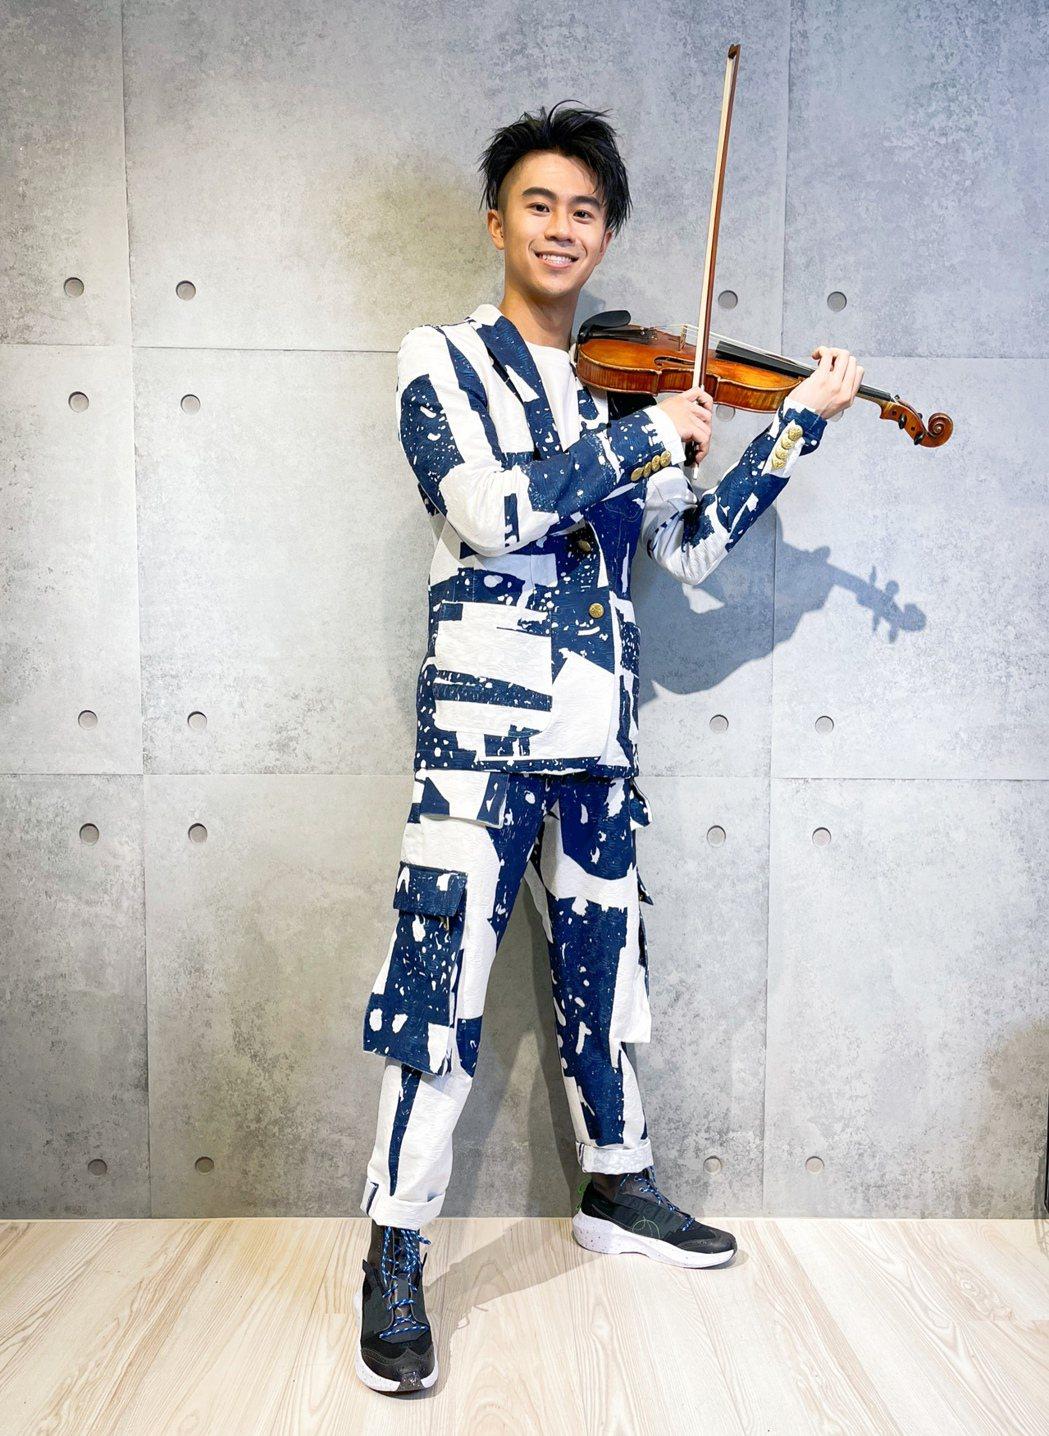 廖柏雅除了居家展演最新春夏時裝,也以小提琴演奏,讓時尚秀更具高雅氣氛。圖/喜鵲娛